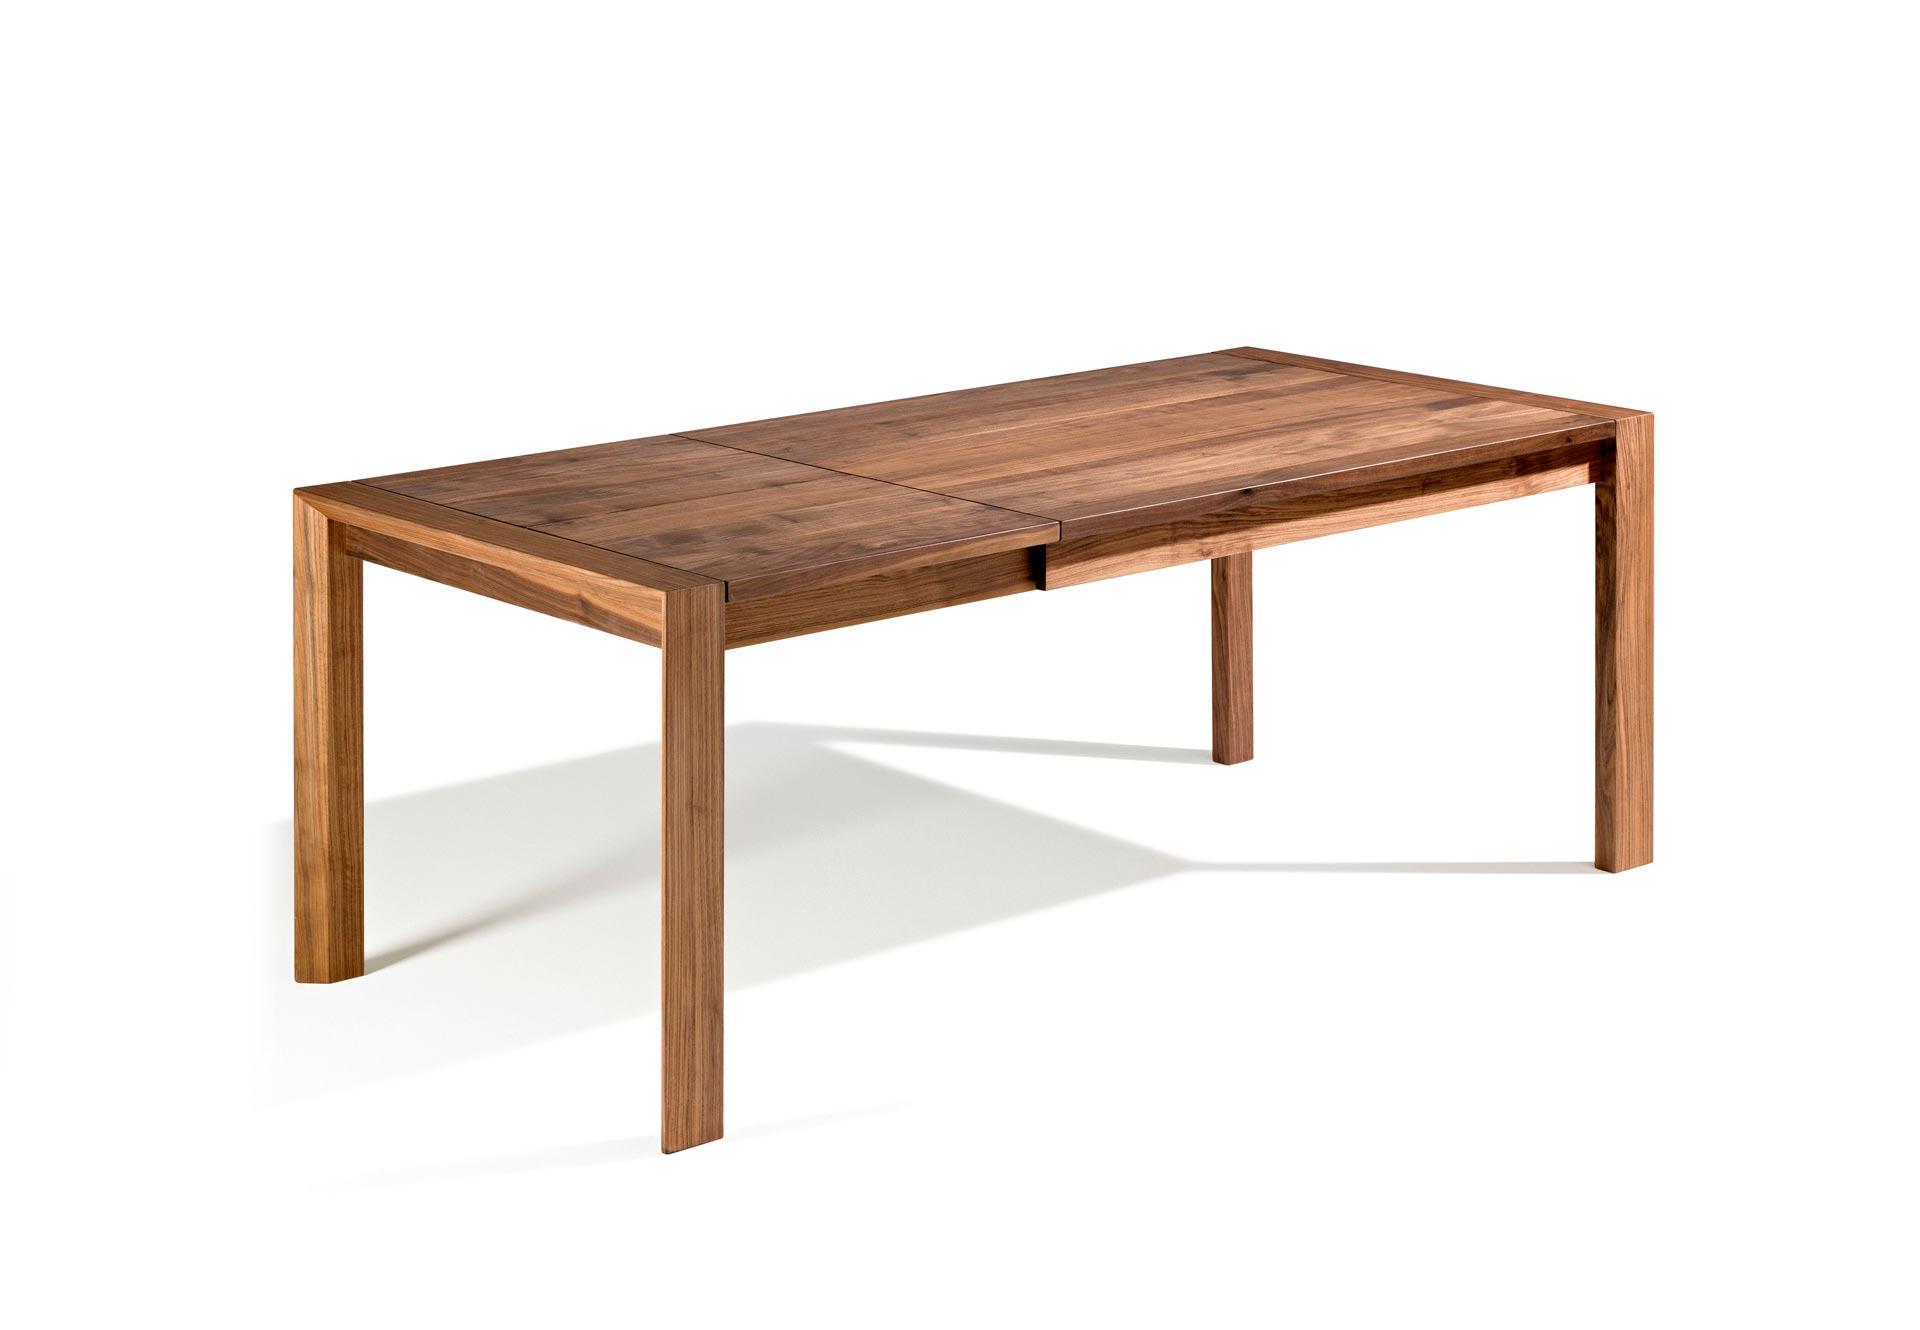 Esstisch Baumkante ausziehbar mit Vollholzfüßen 3 M